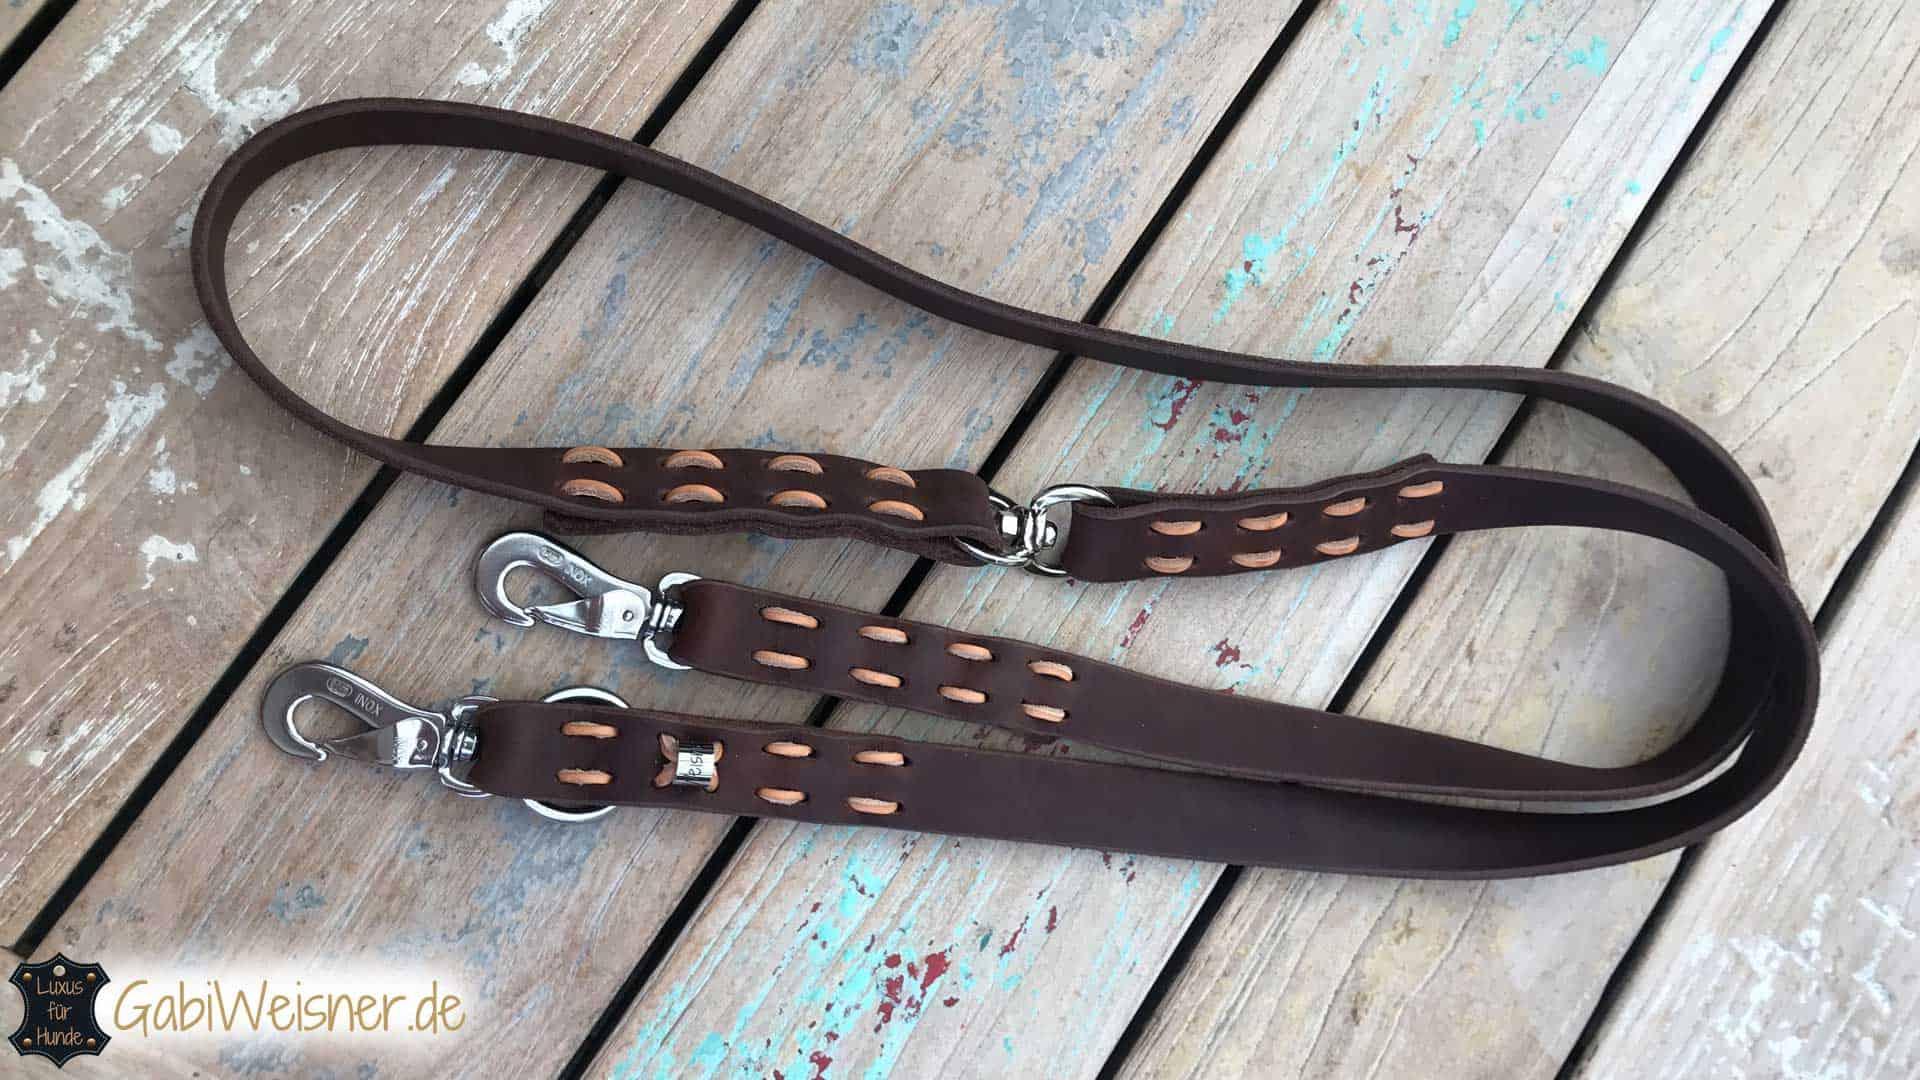 Hundeleine Fettleder 2,5 cm breit 2,2 m lang Farbe nach Wunsch